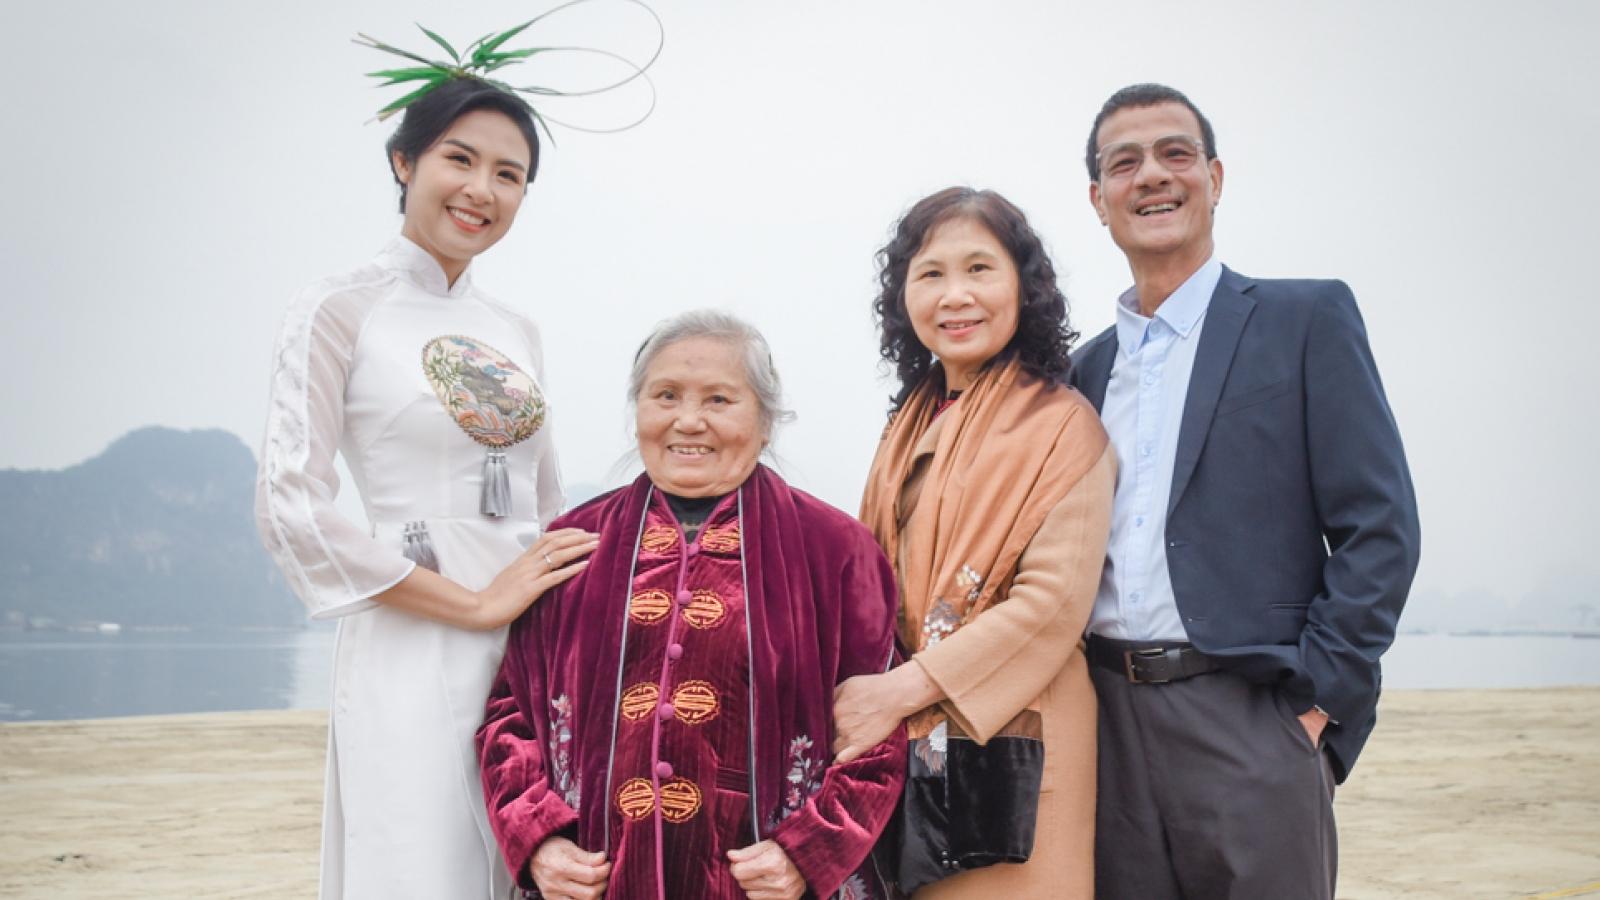 Hoa hậu Ngọc Hân hạnh phúc khi bà ngoại đến ủng hộ BST áo dài mới